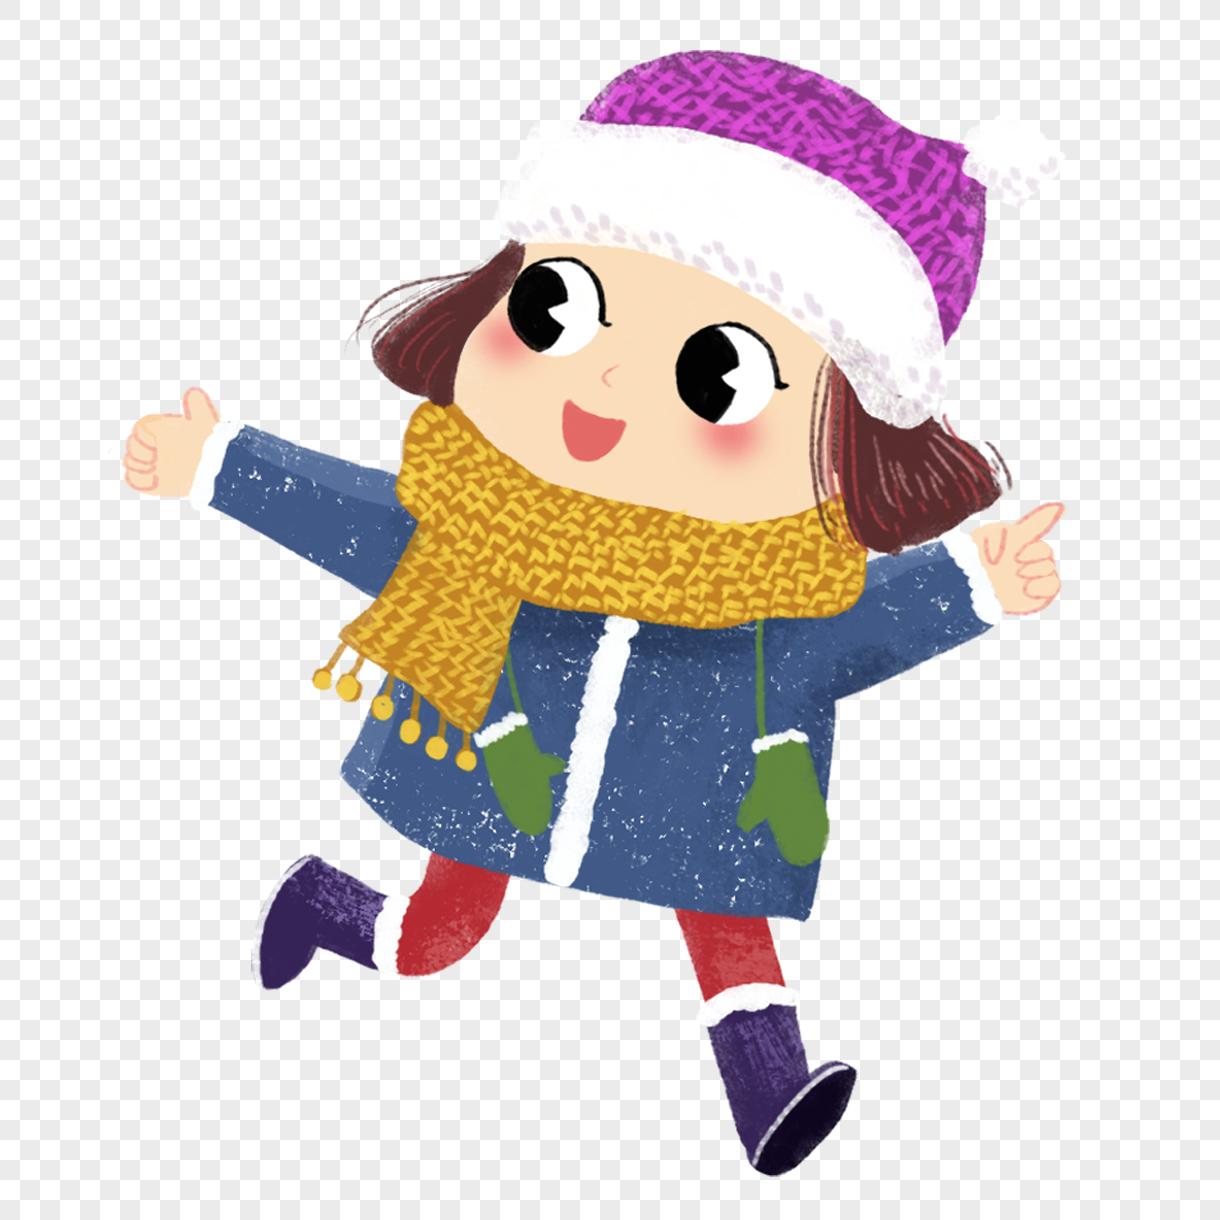 微信朋友圈 qq空间 新浪微博  花瓣 举报 标签: 元素冬天可爱奔跑女孩